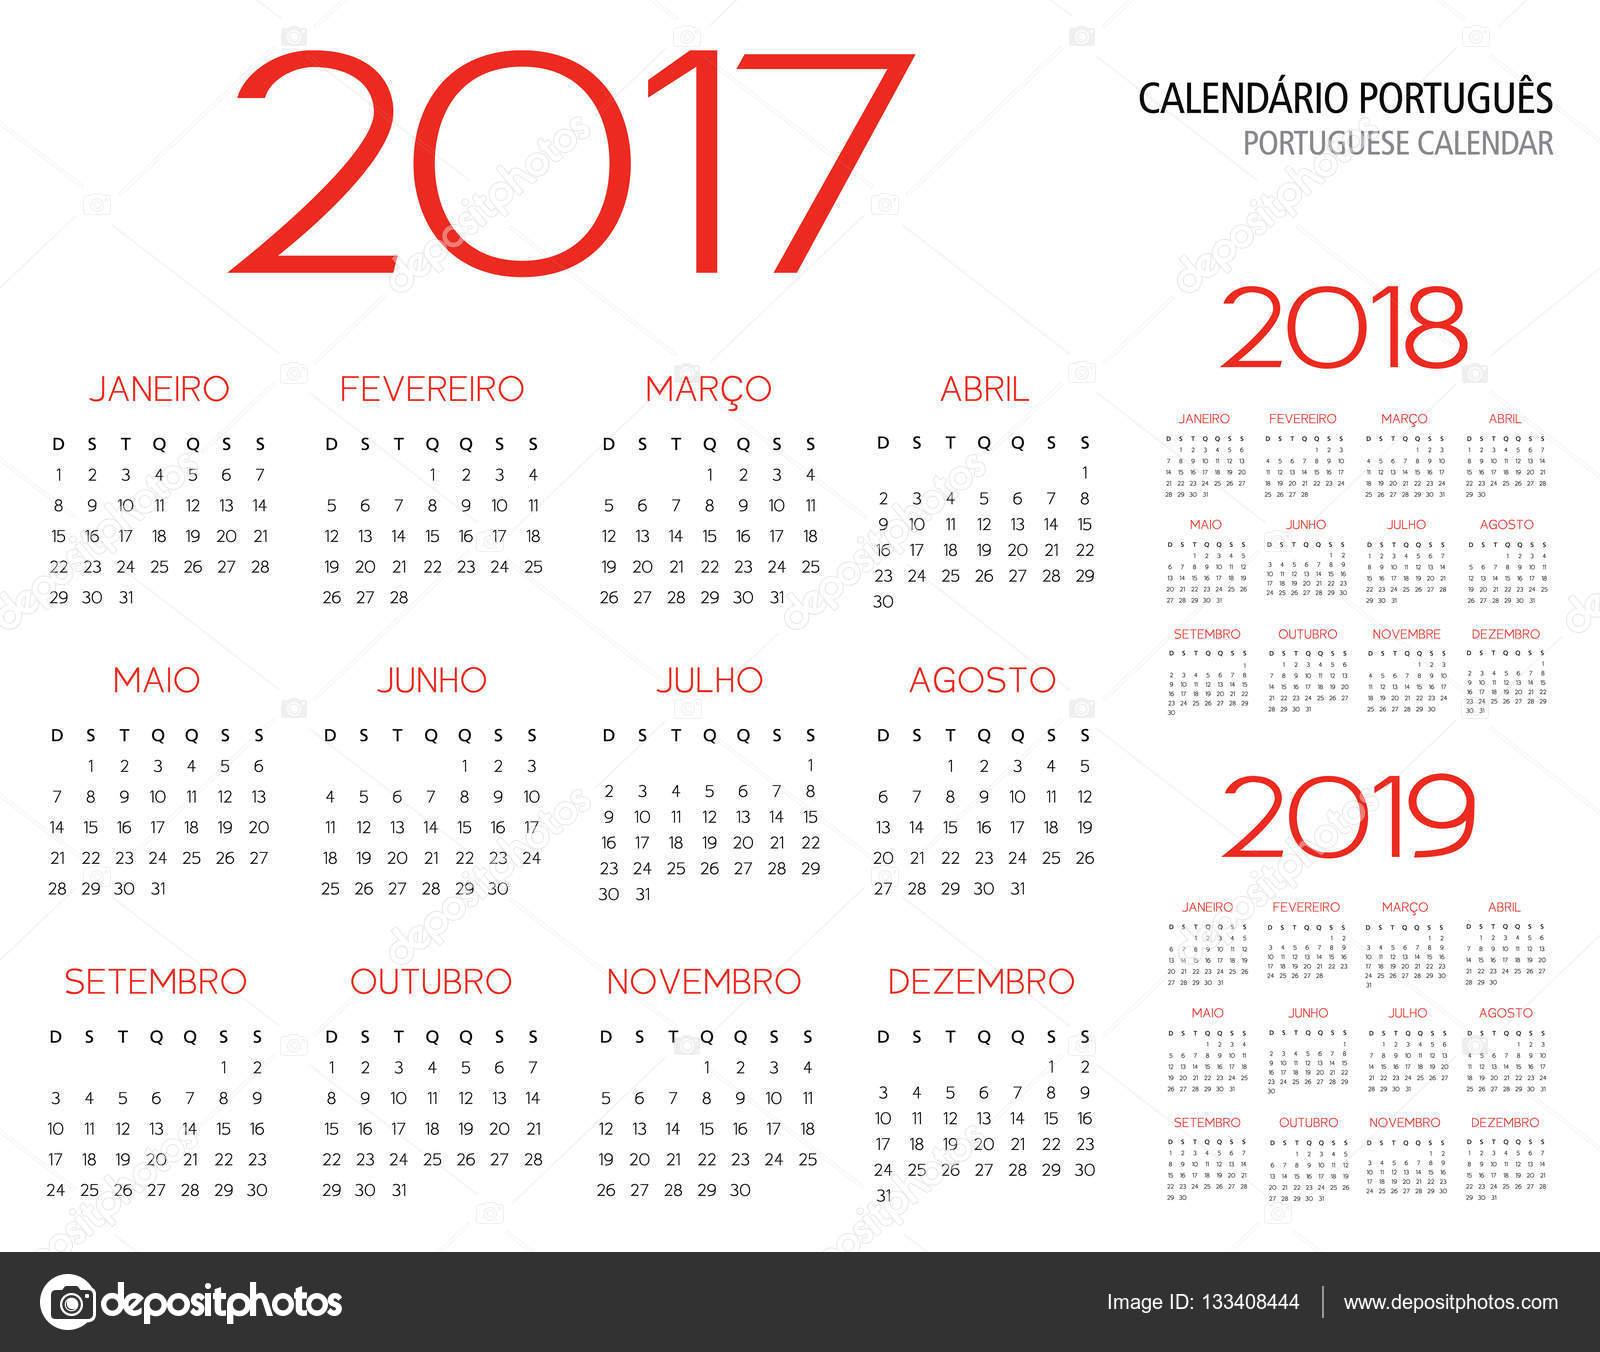 2017 2018 2019 Ford Price: Grade Portuguesa Calendário 2017 2018 2019